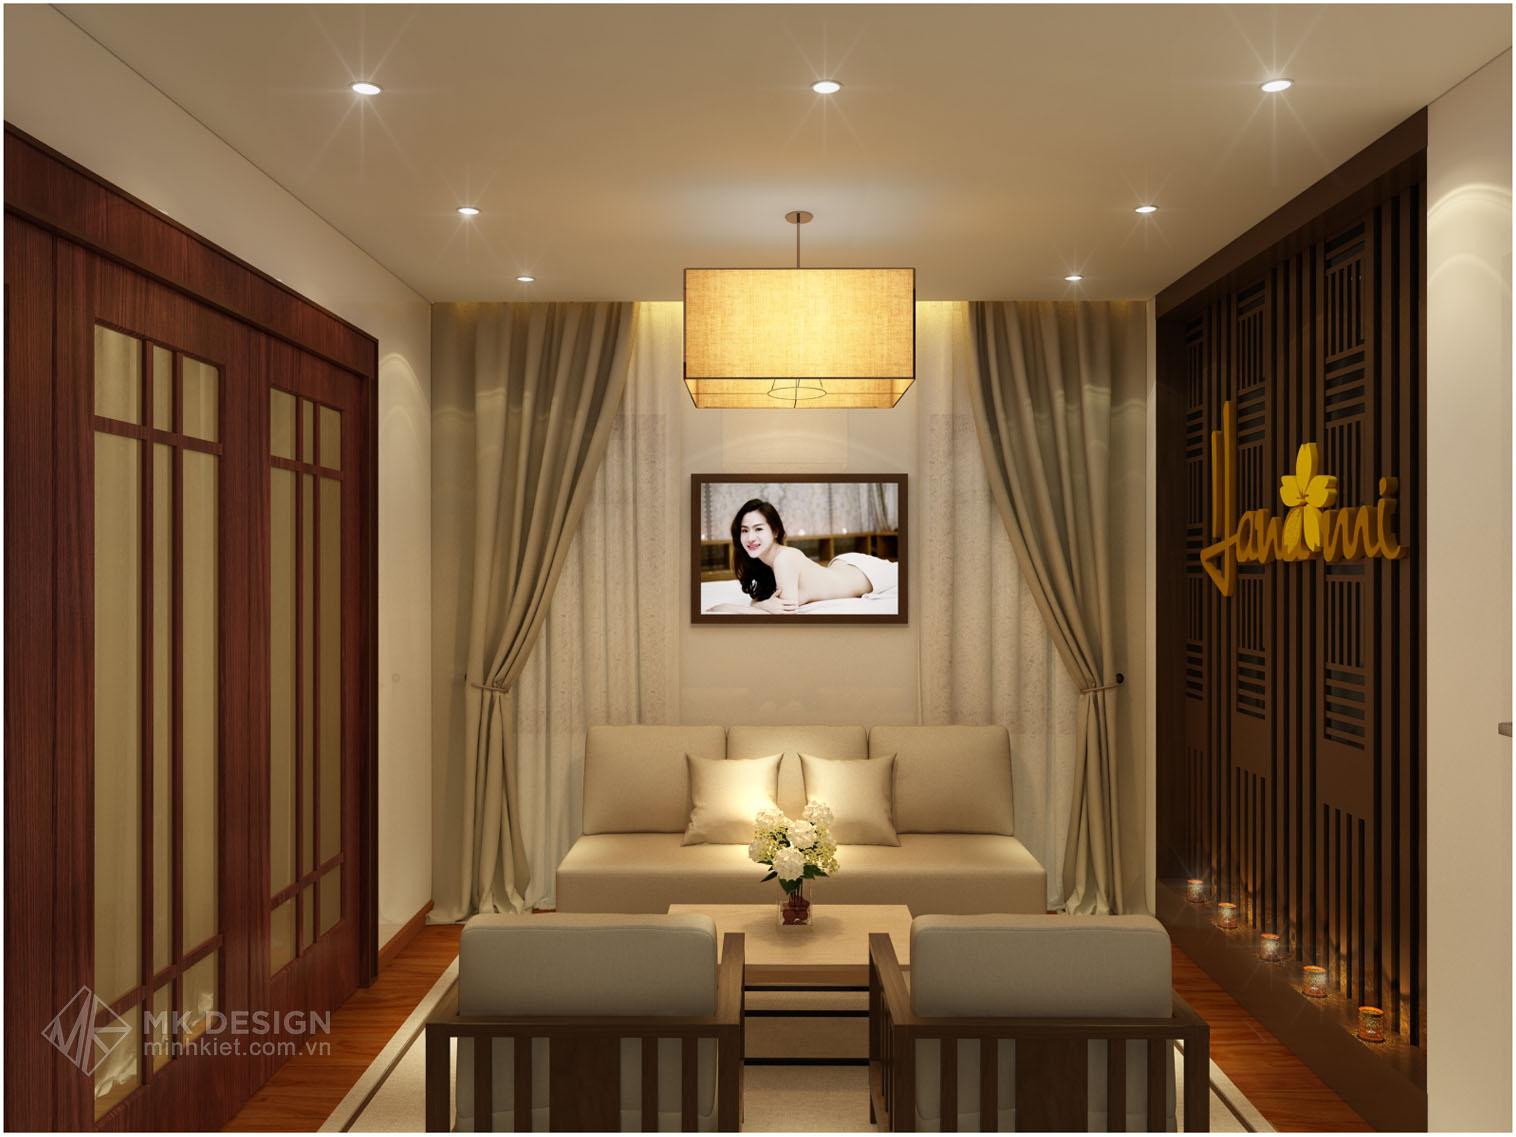 spa-Hana-Minh-Kiet-design06